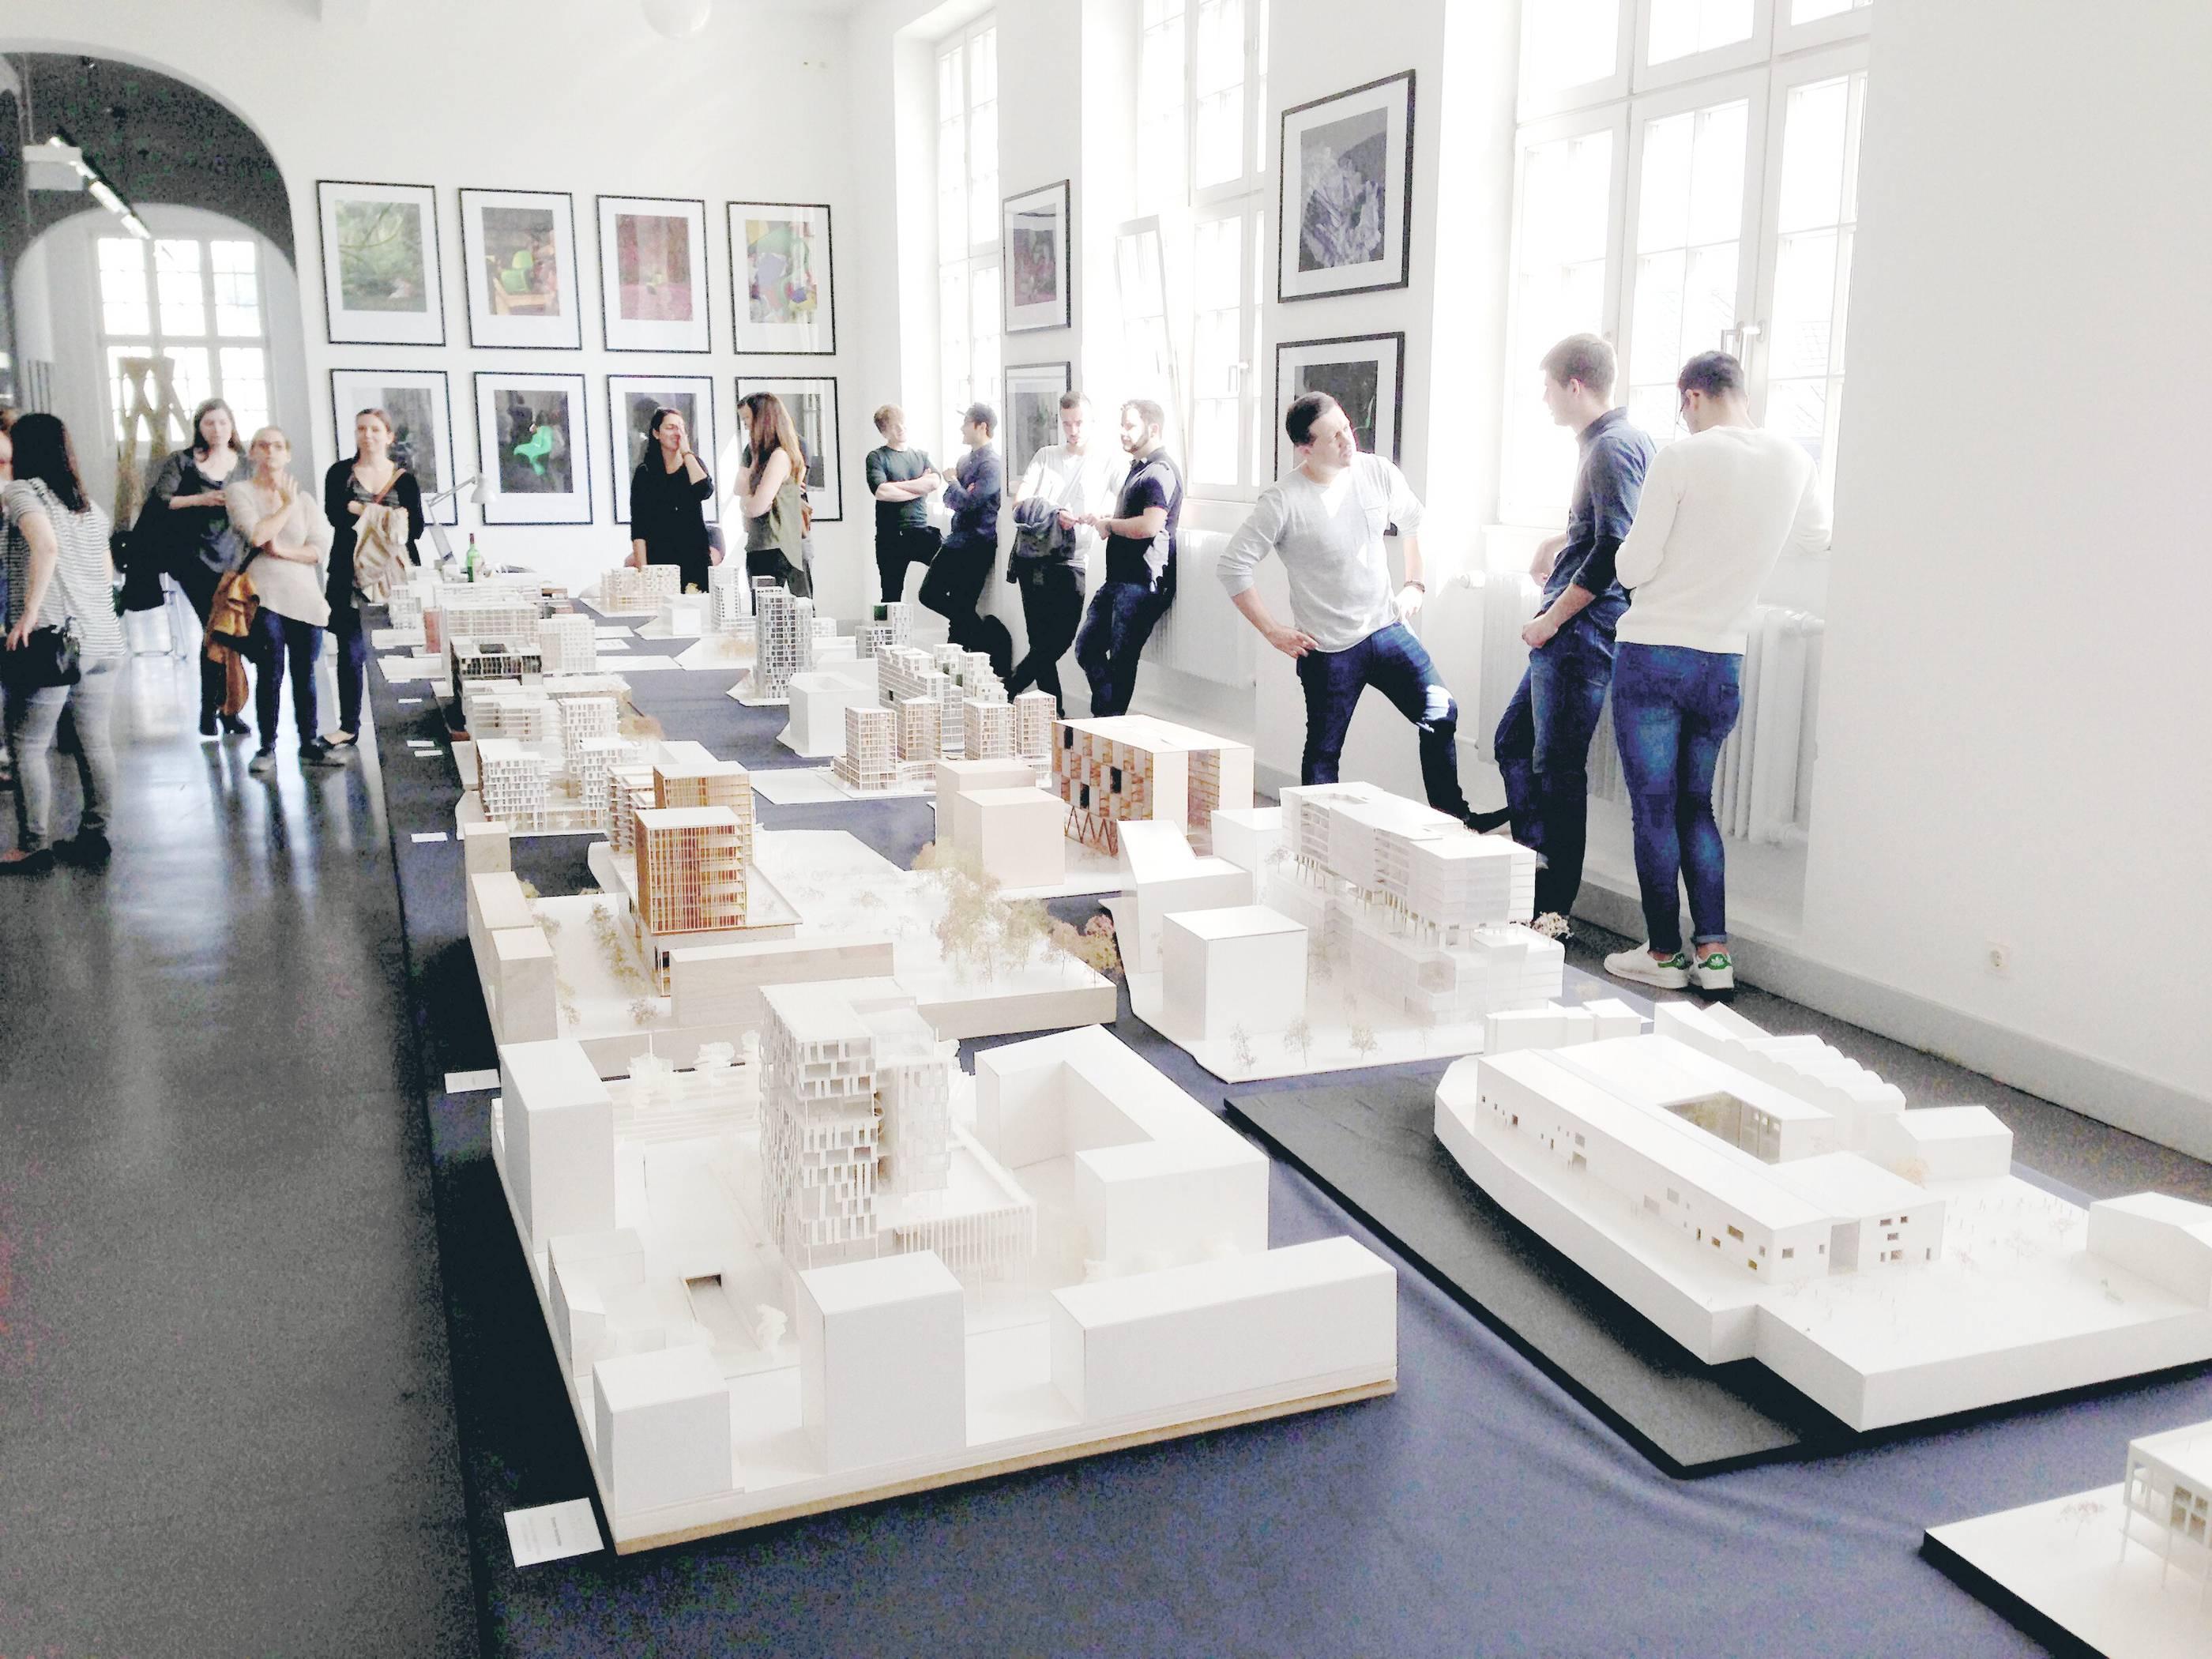 Bilder aus 21 Jahren Campus Gestaltung der Hochschule Trier